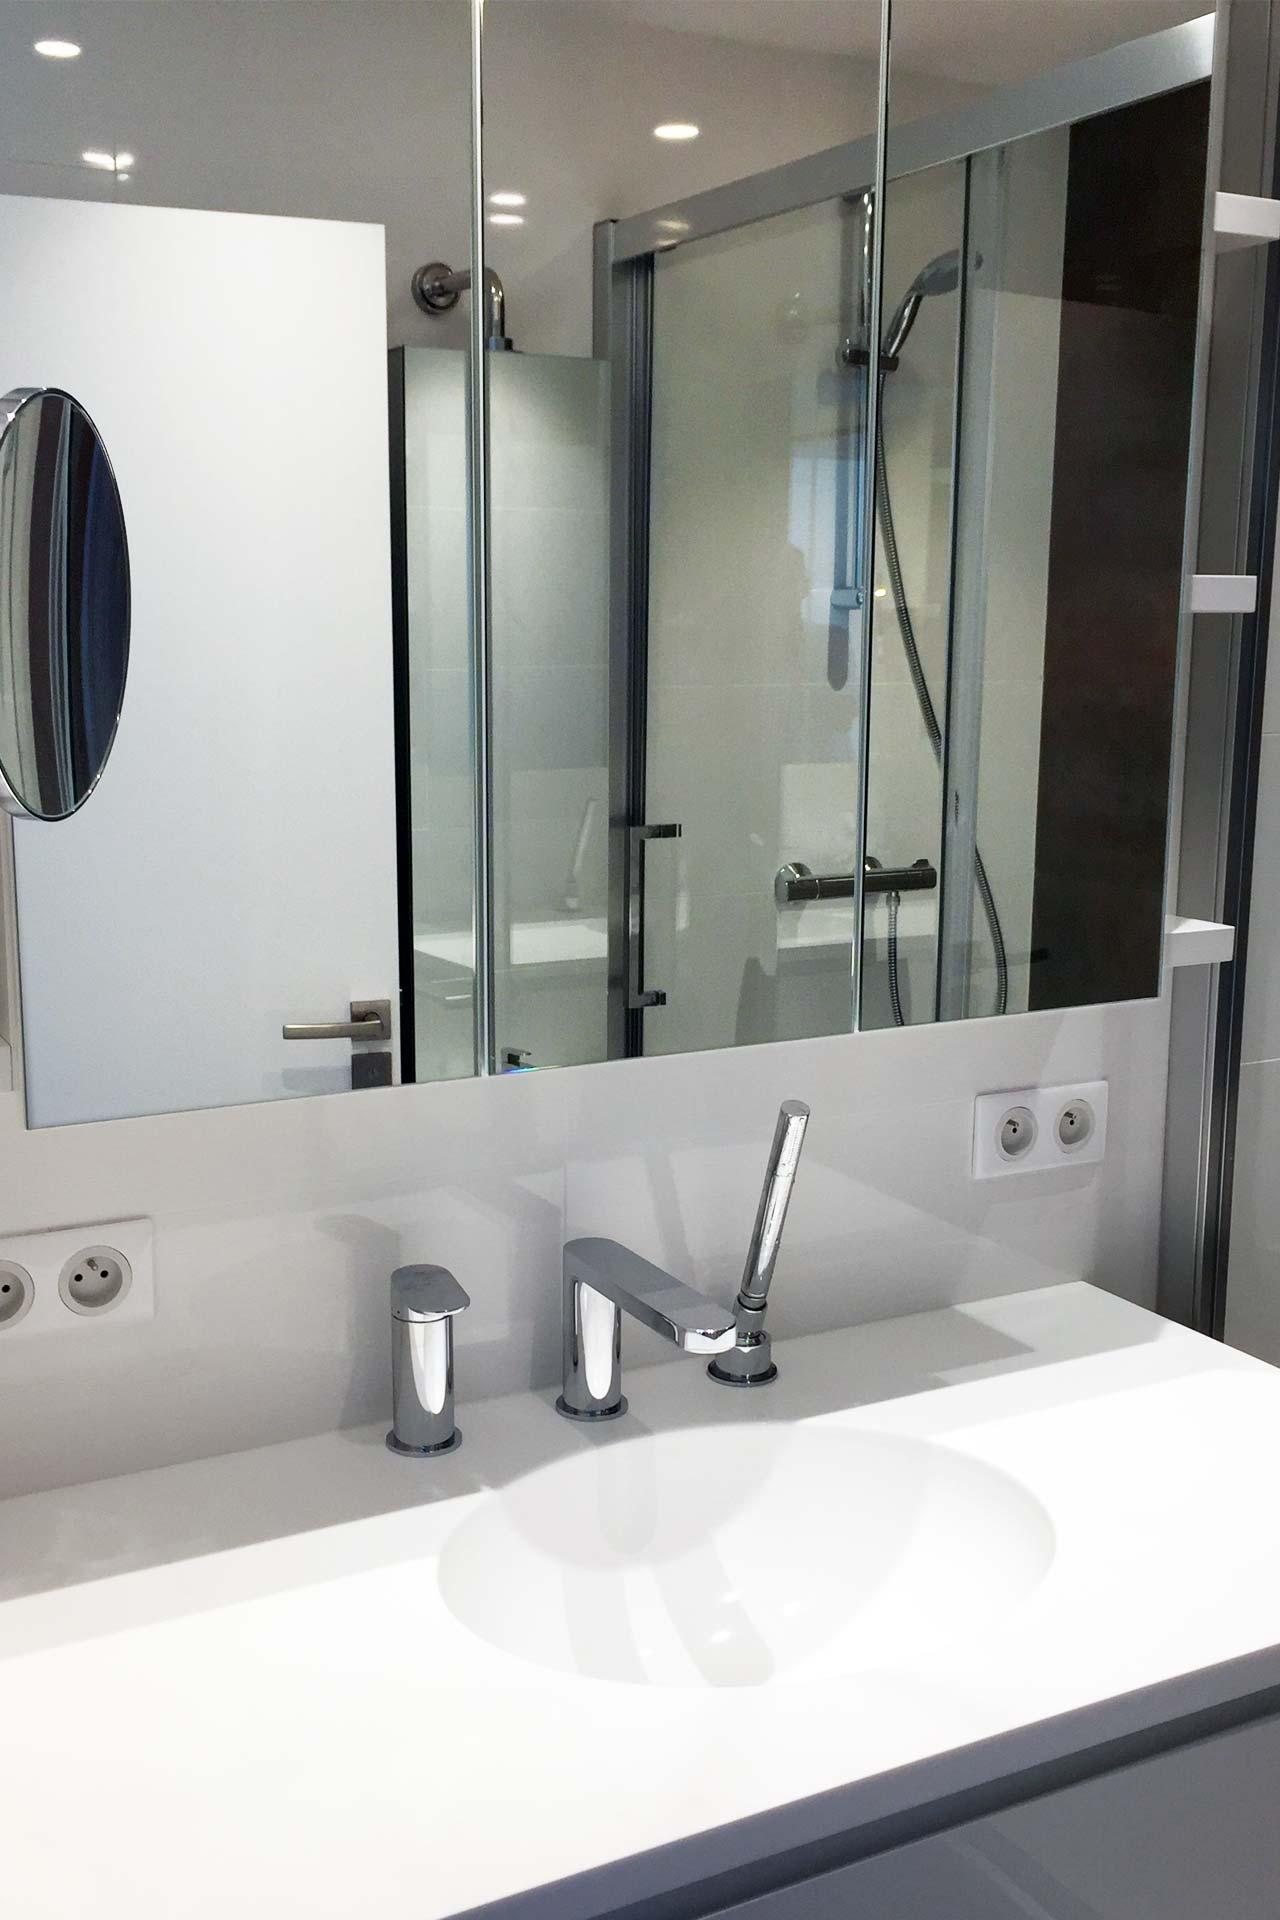 Salle de bain - Transformation d'un appartement Architecture d'intérieur